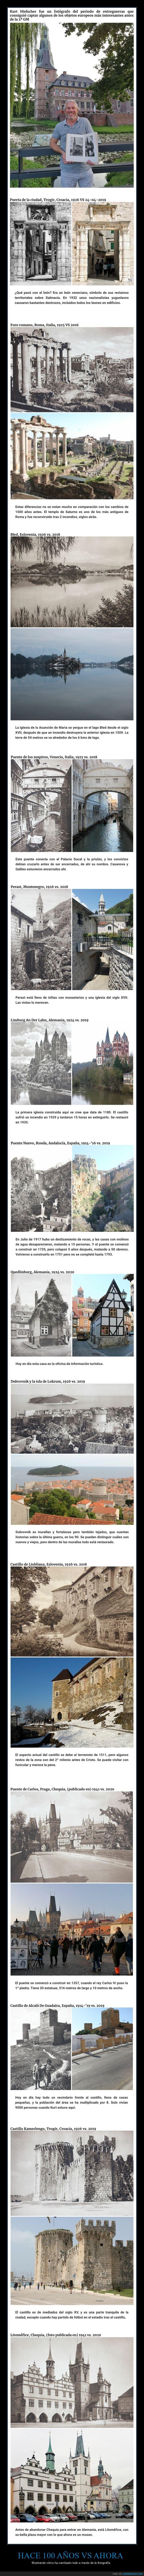 100 años,ahora,antes